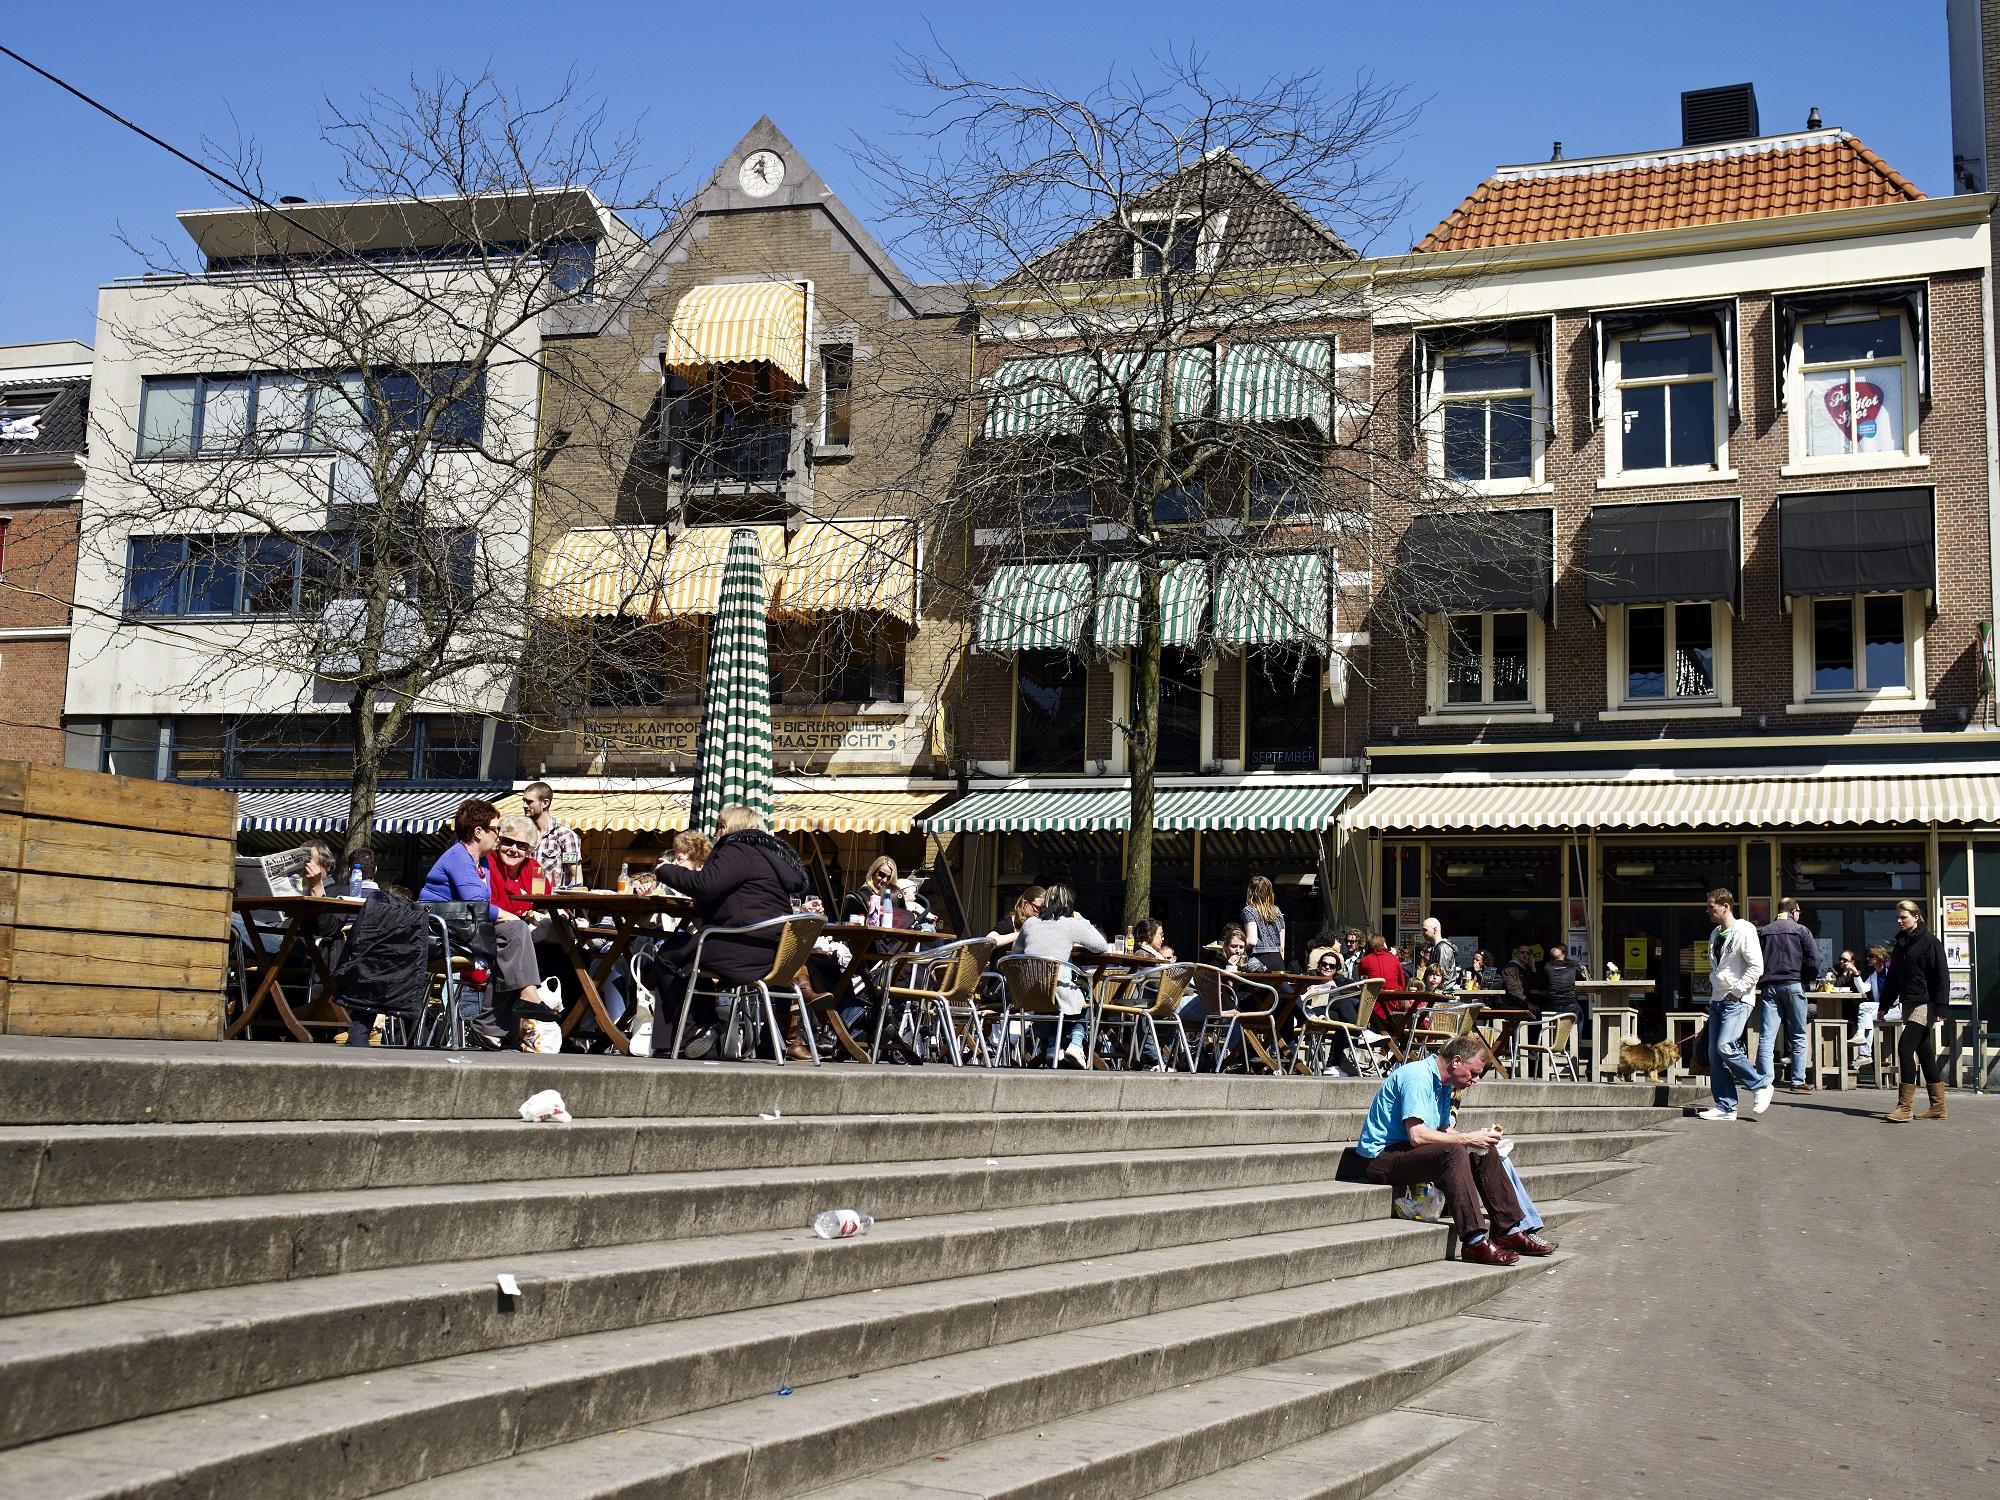 Trappen grote markt, is deze openbare ruimte een ontmoetingsmotor ?